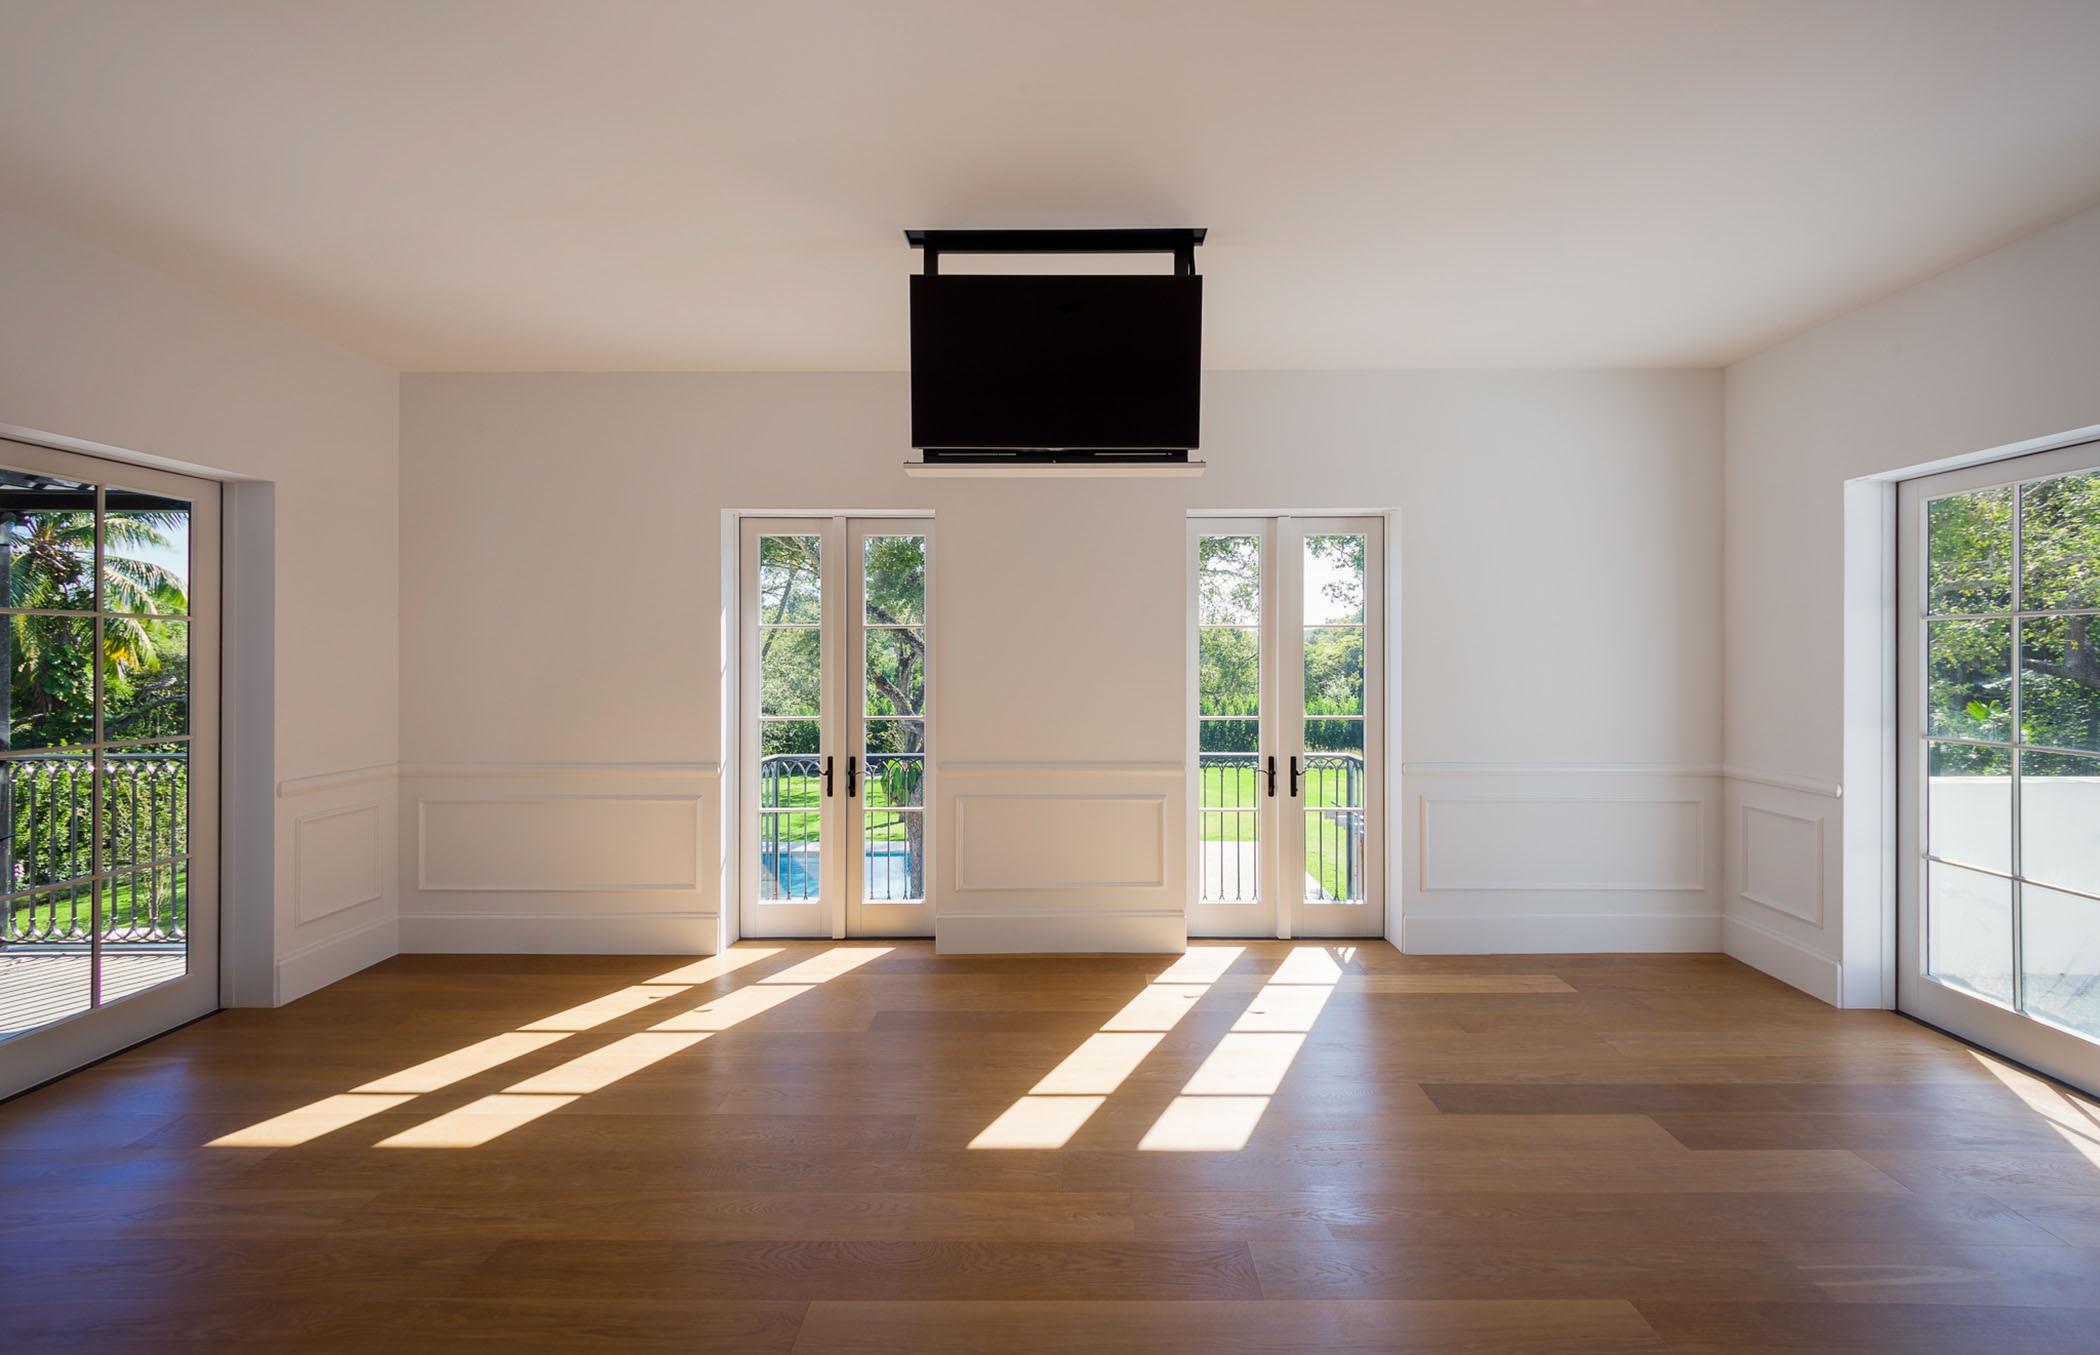 La tele está escondida en el techo